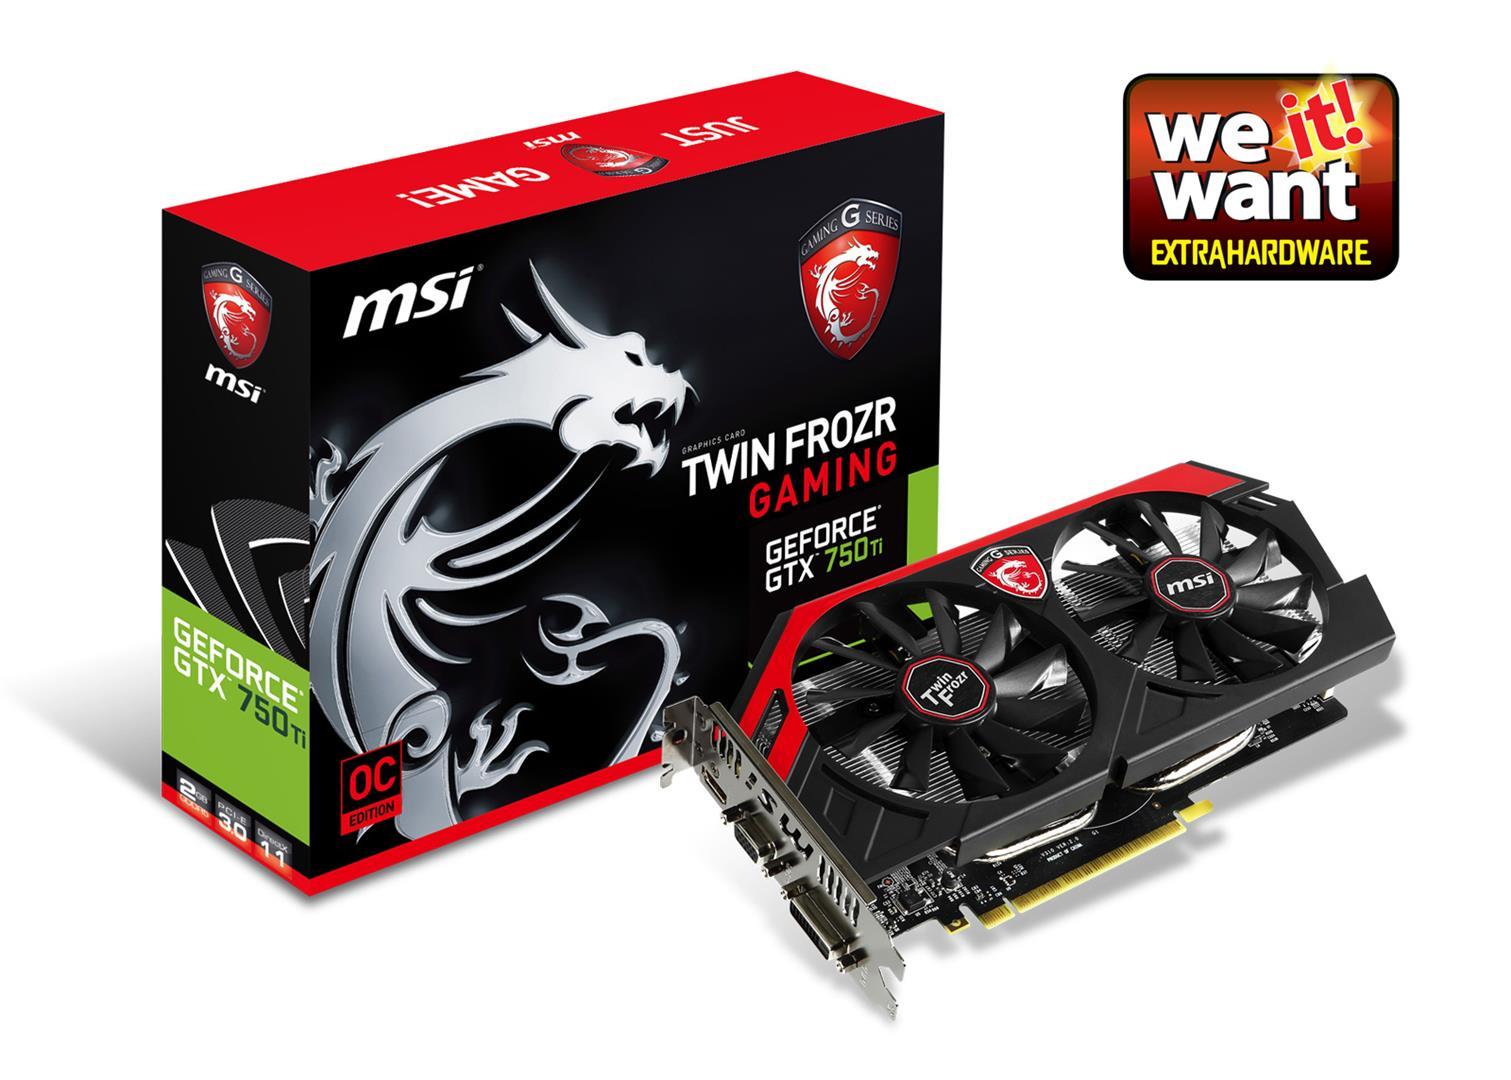 MSI GTX750 Ti 2GB (128) aktiv D H Ds D5 Gaming